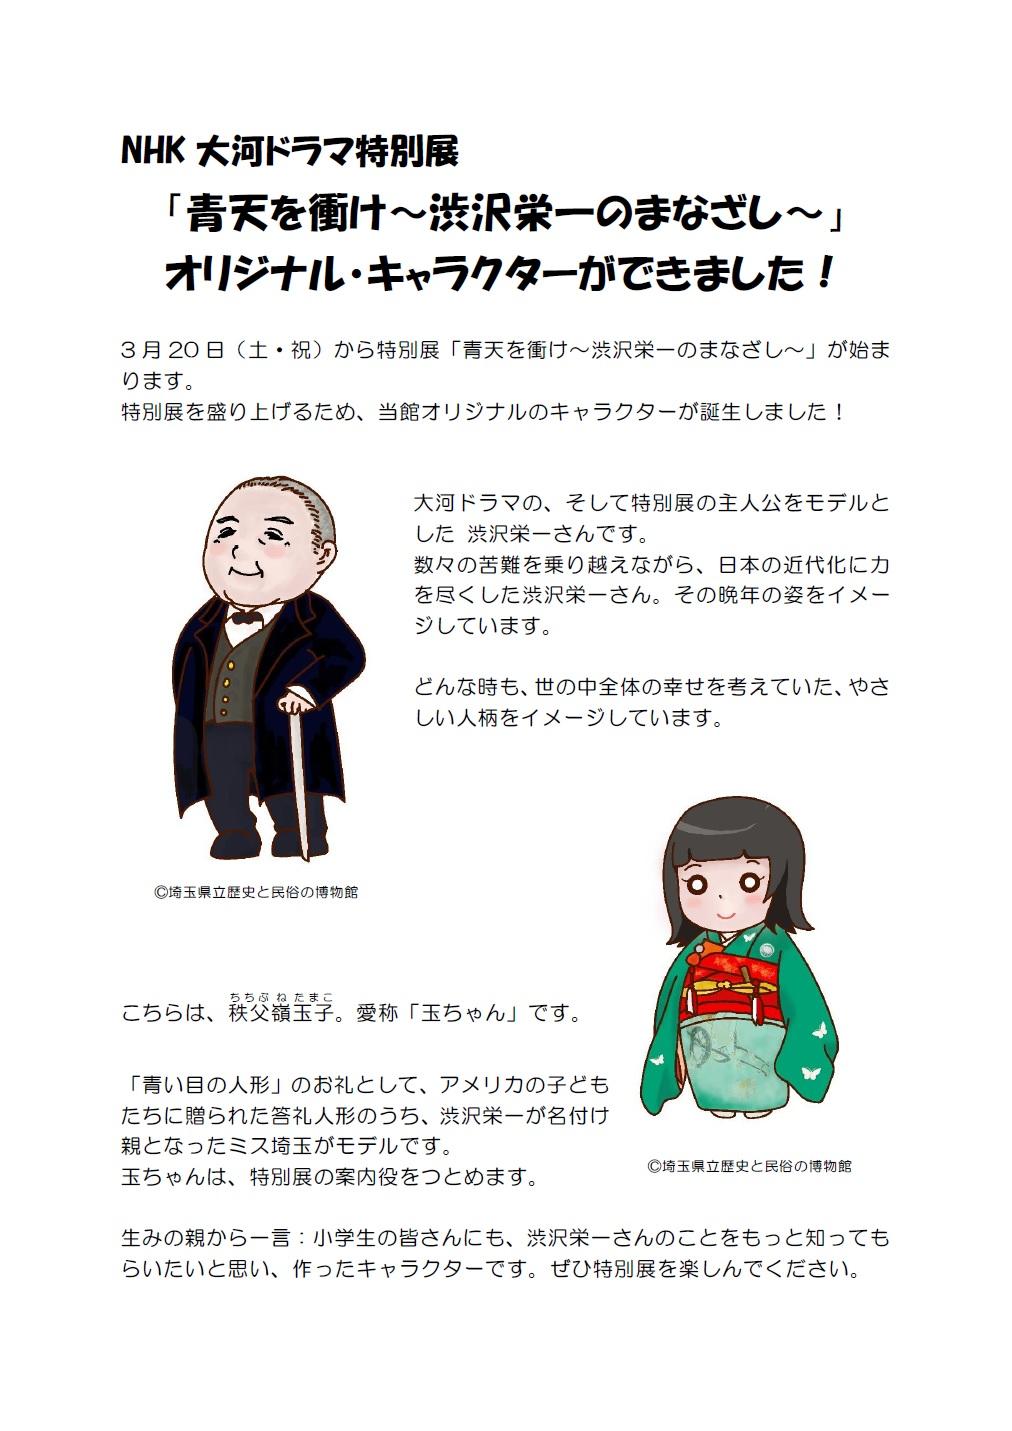 青天を衝け~渋沢栄一のまなざし~ - 埼玉県立歴史と民俗の博物館